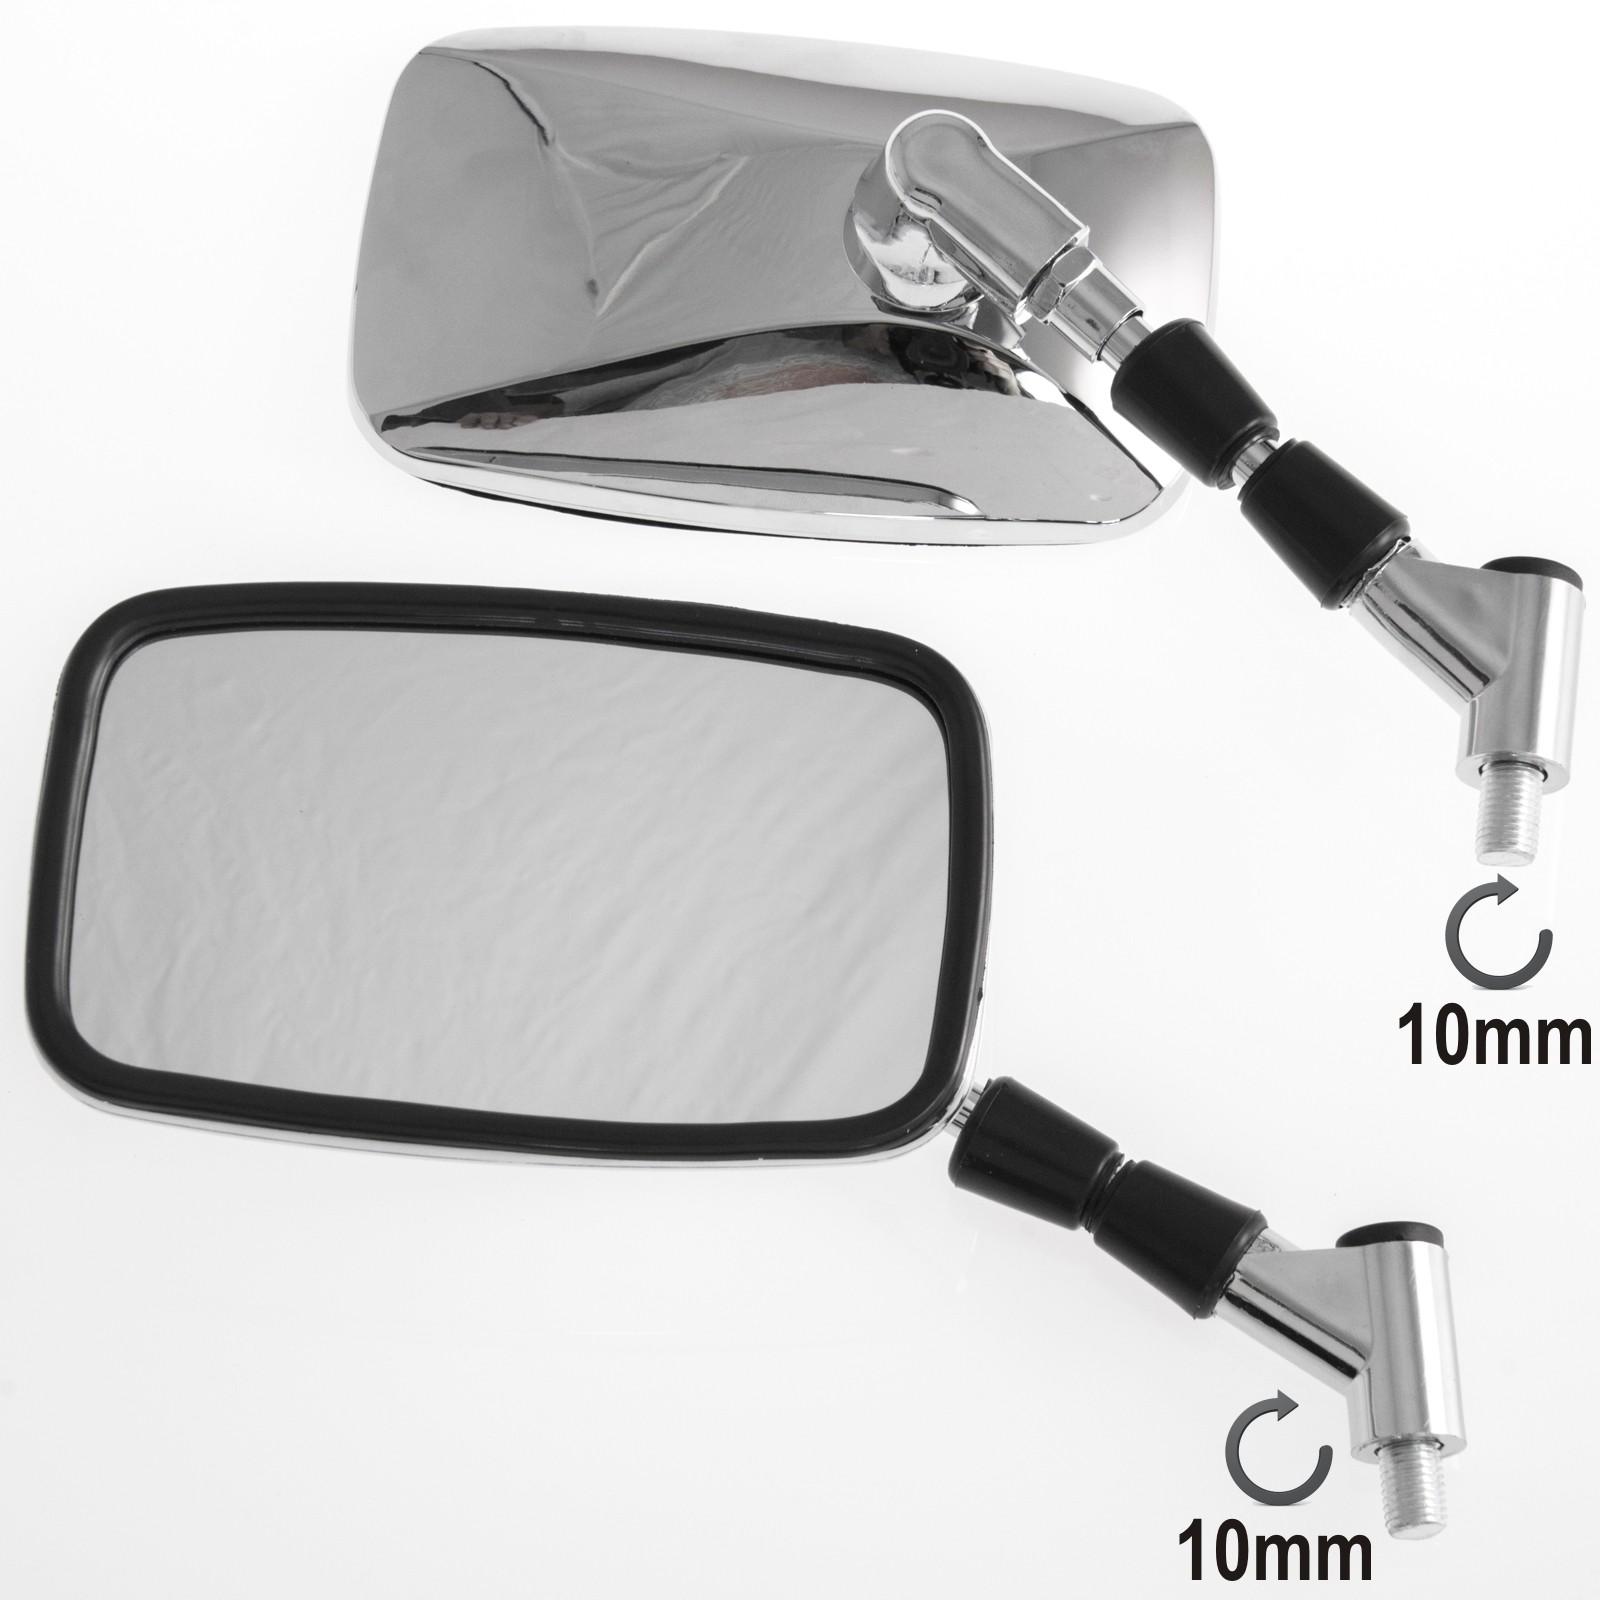 SR4838CHRO_a-pro_specchietto_mirrors_moto_motorcycle